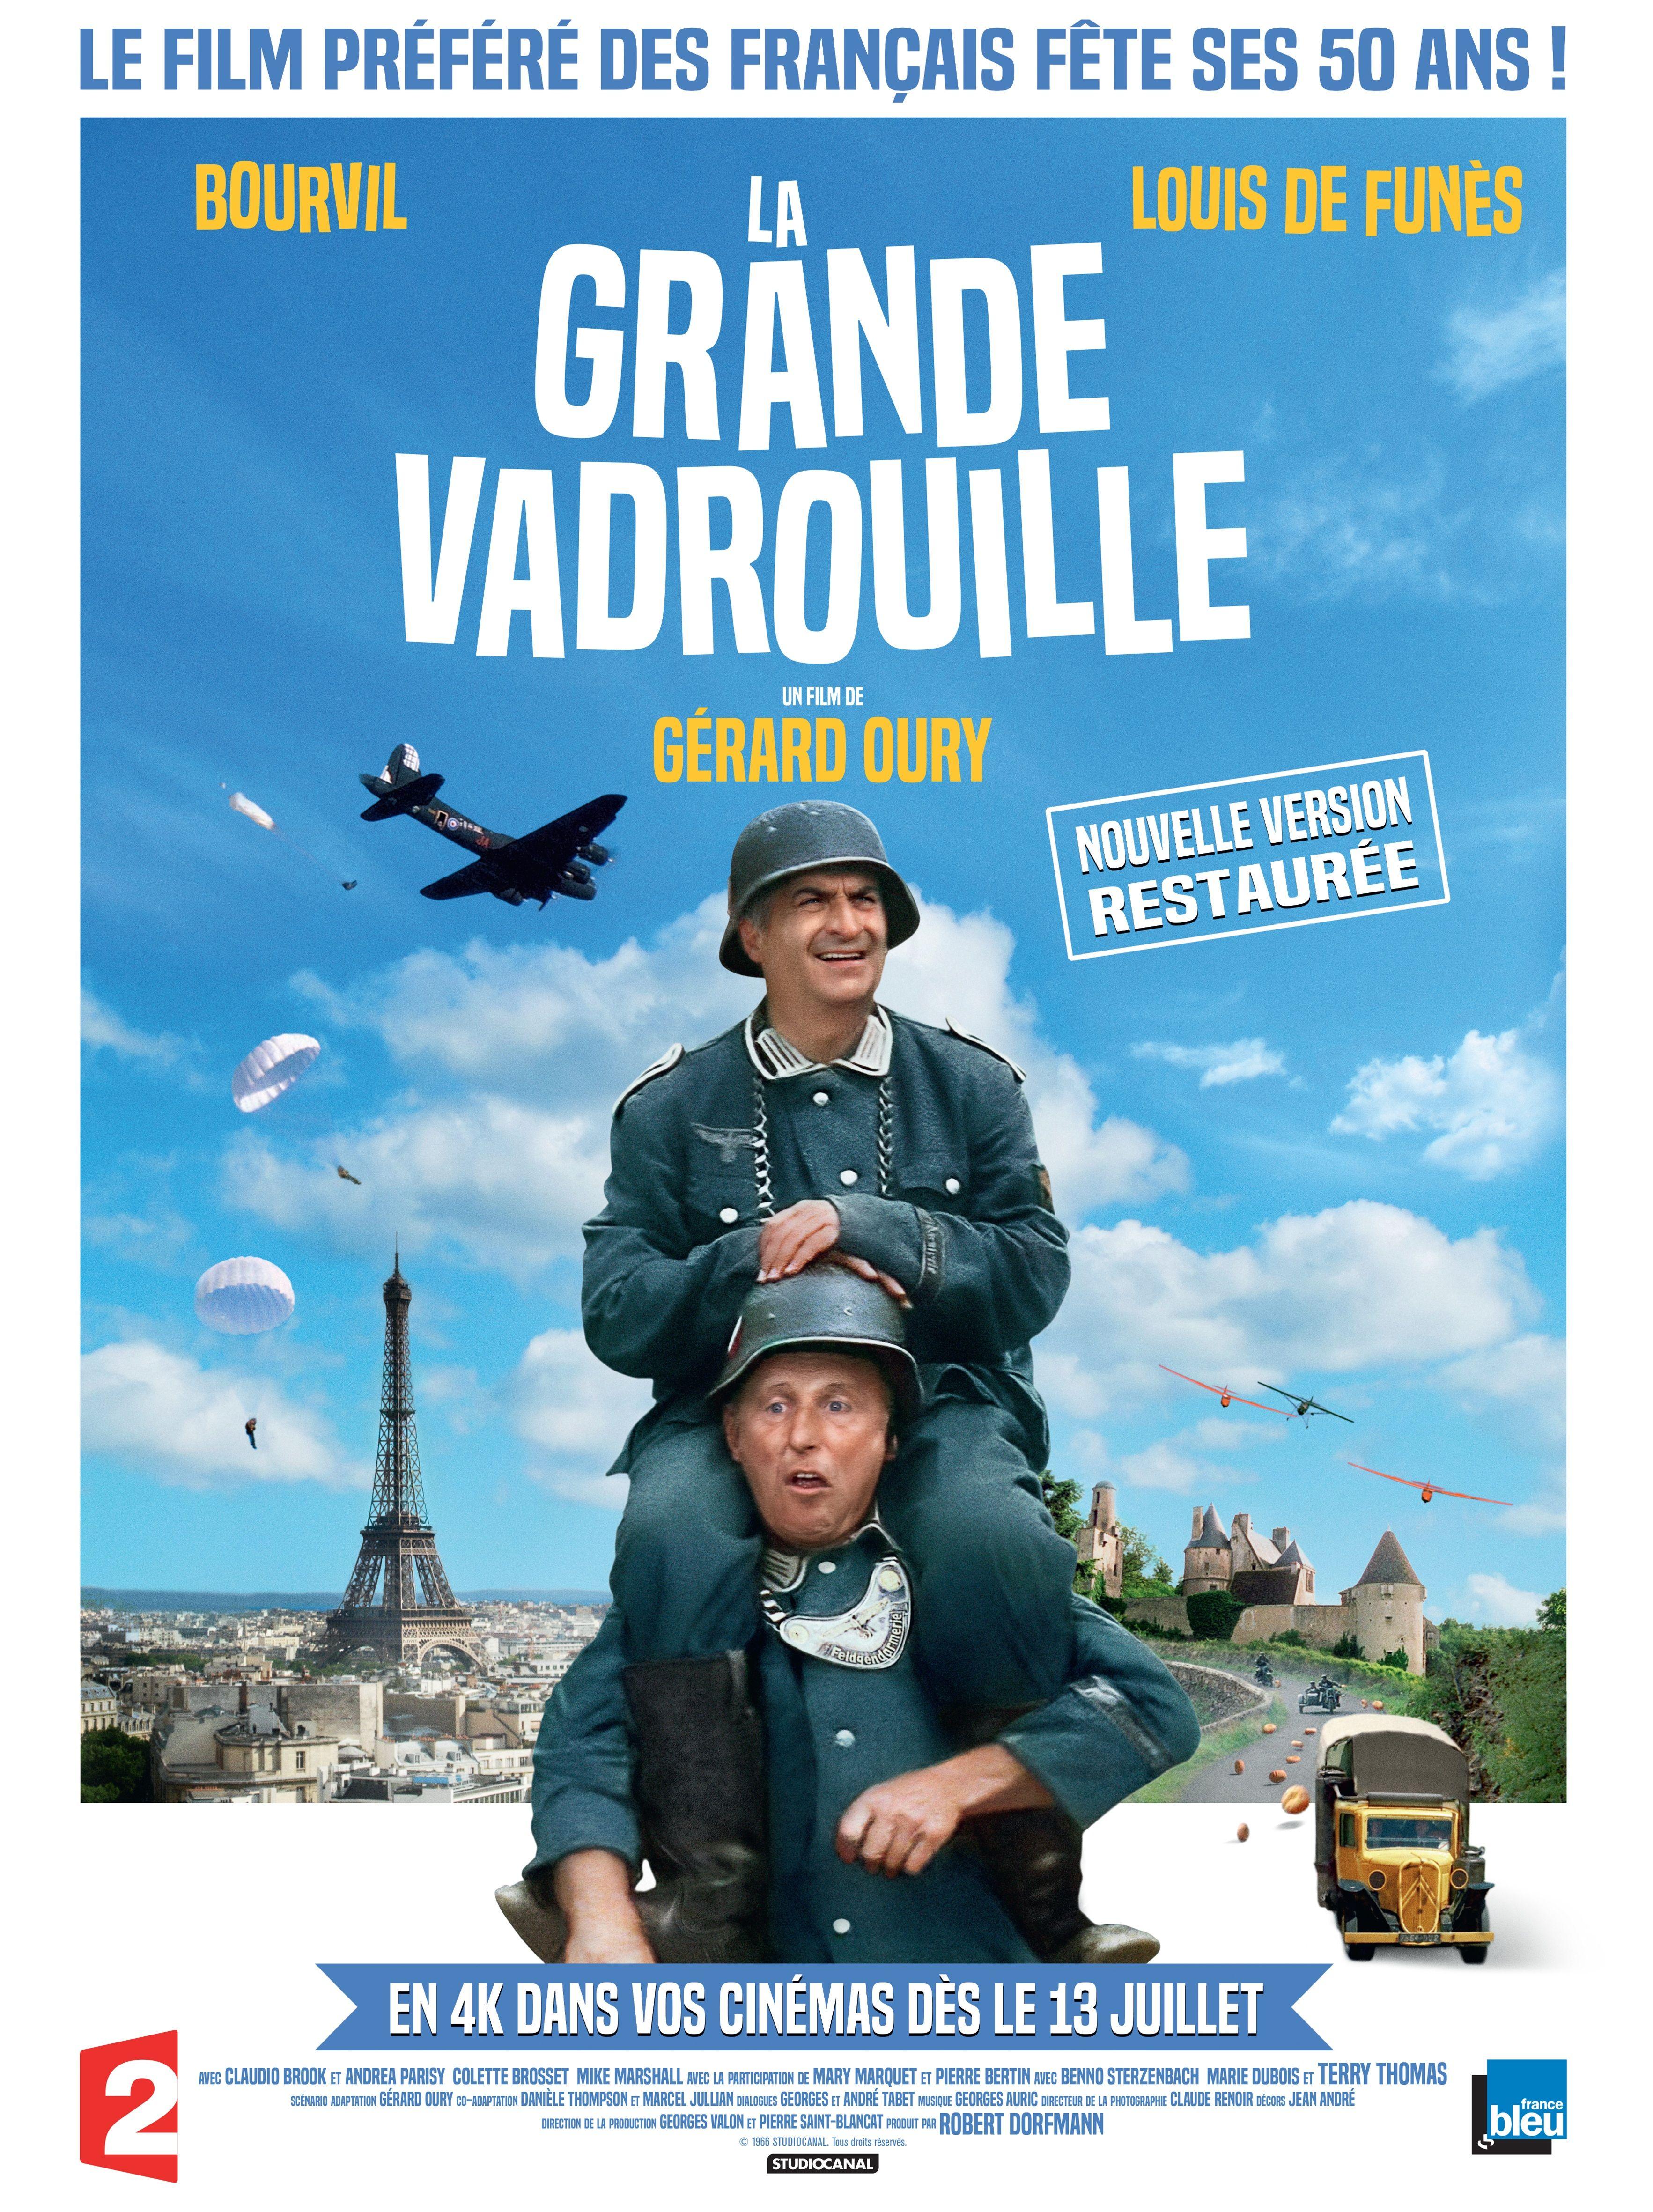 La Grande Vadrouille Film Complet Gratuit Check More At Https